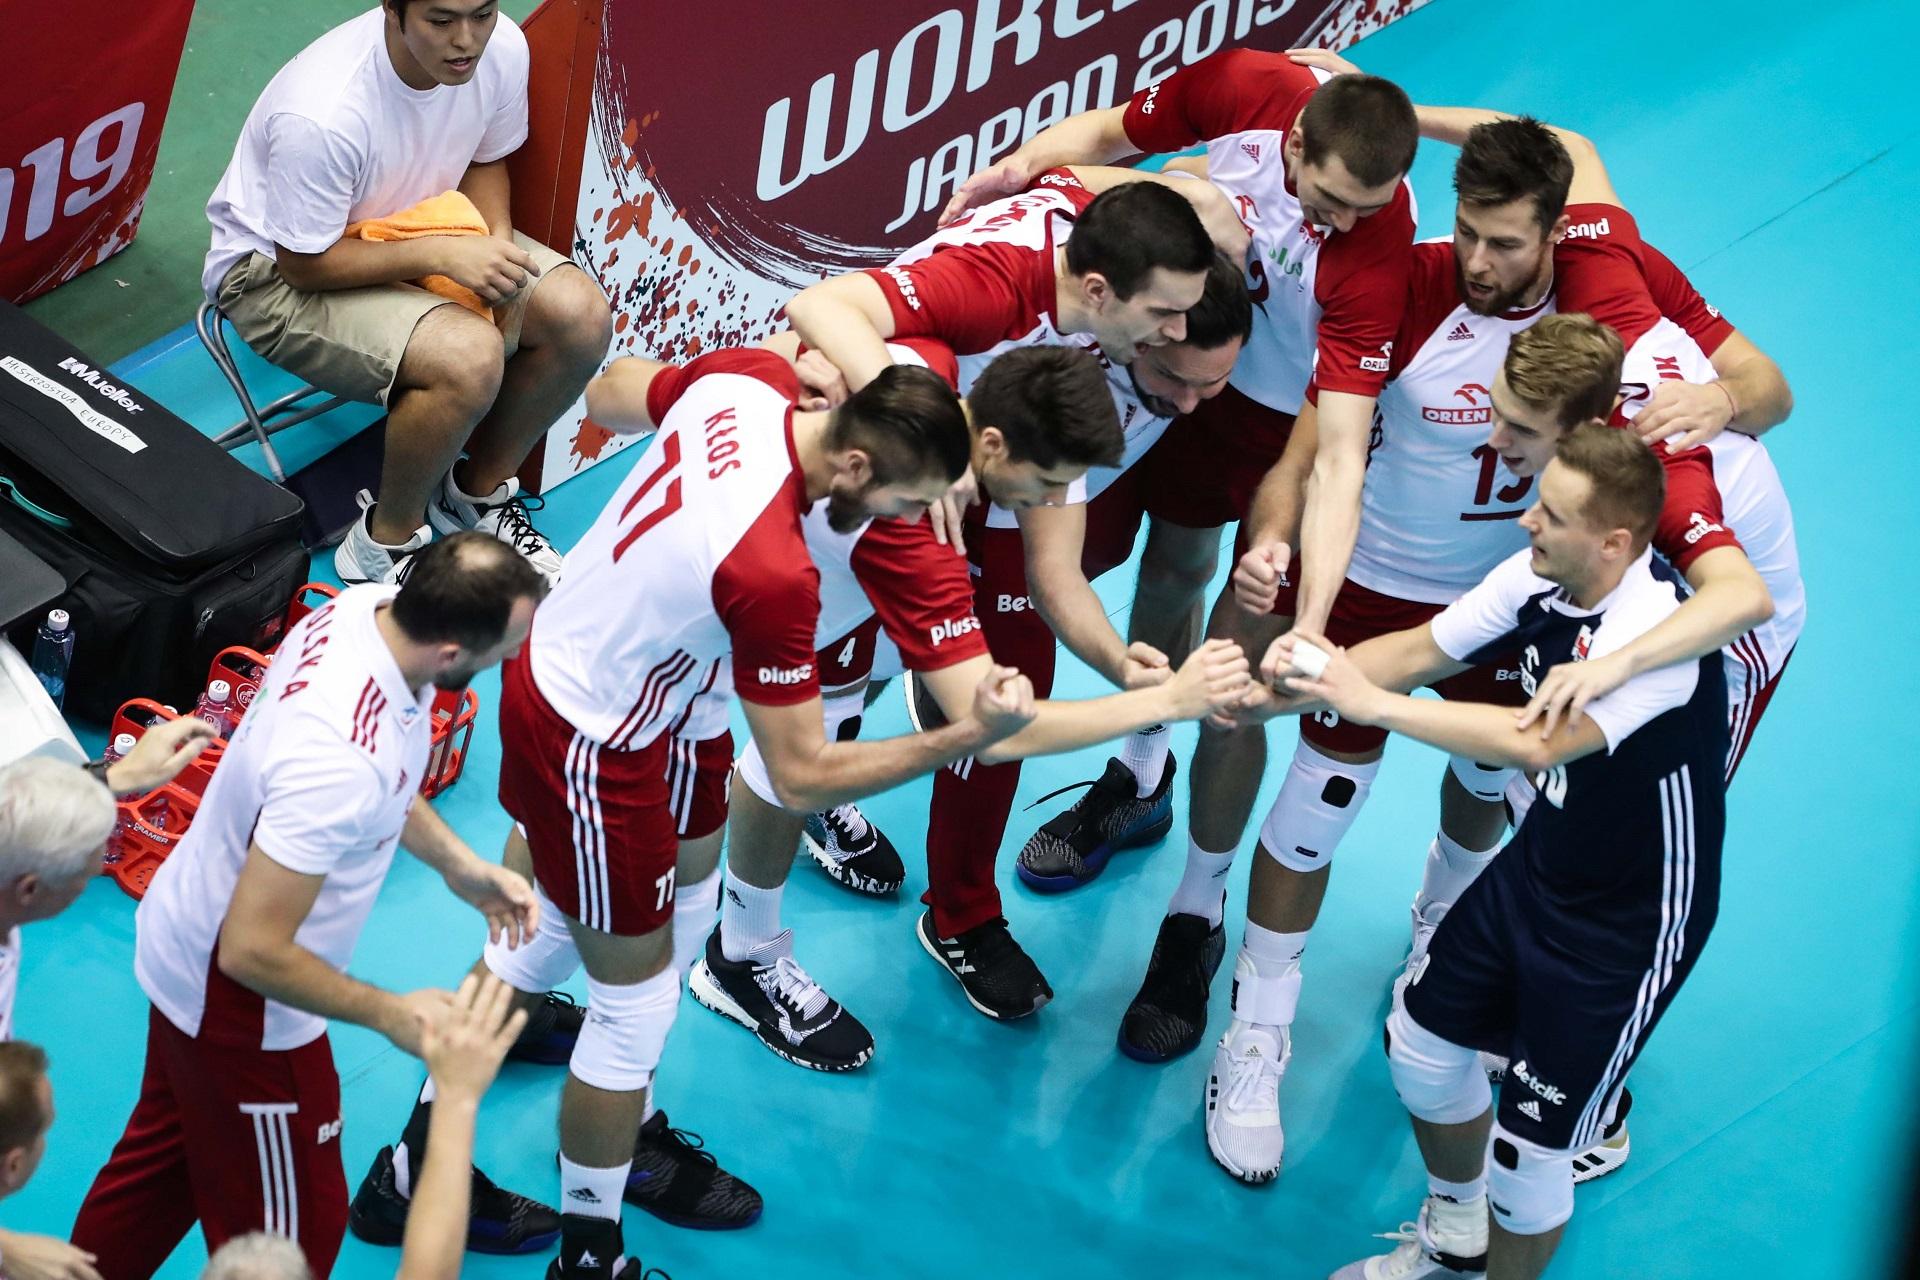 Puchar Świata: Polscy siatkarze pokonali w Hiroszimie Rosjan 3:1